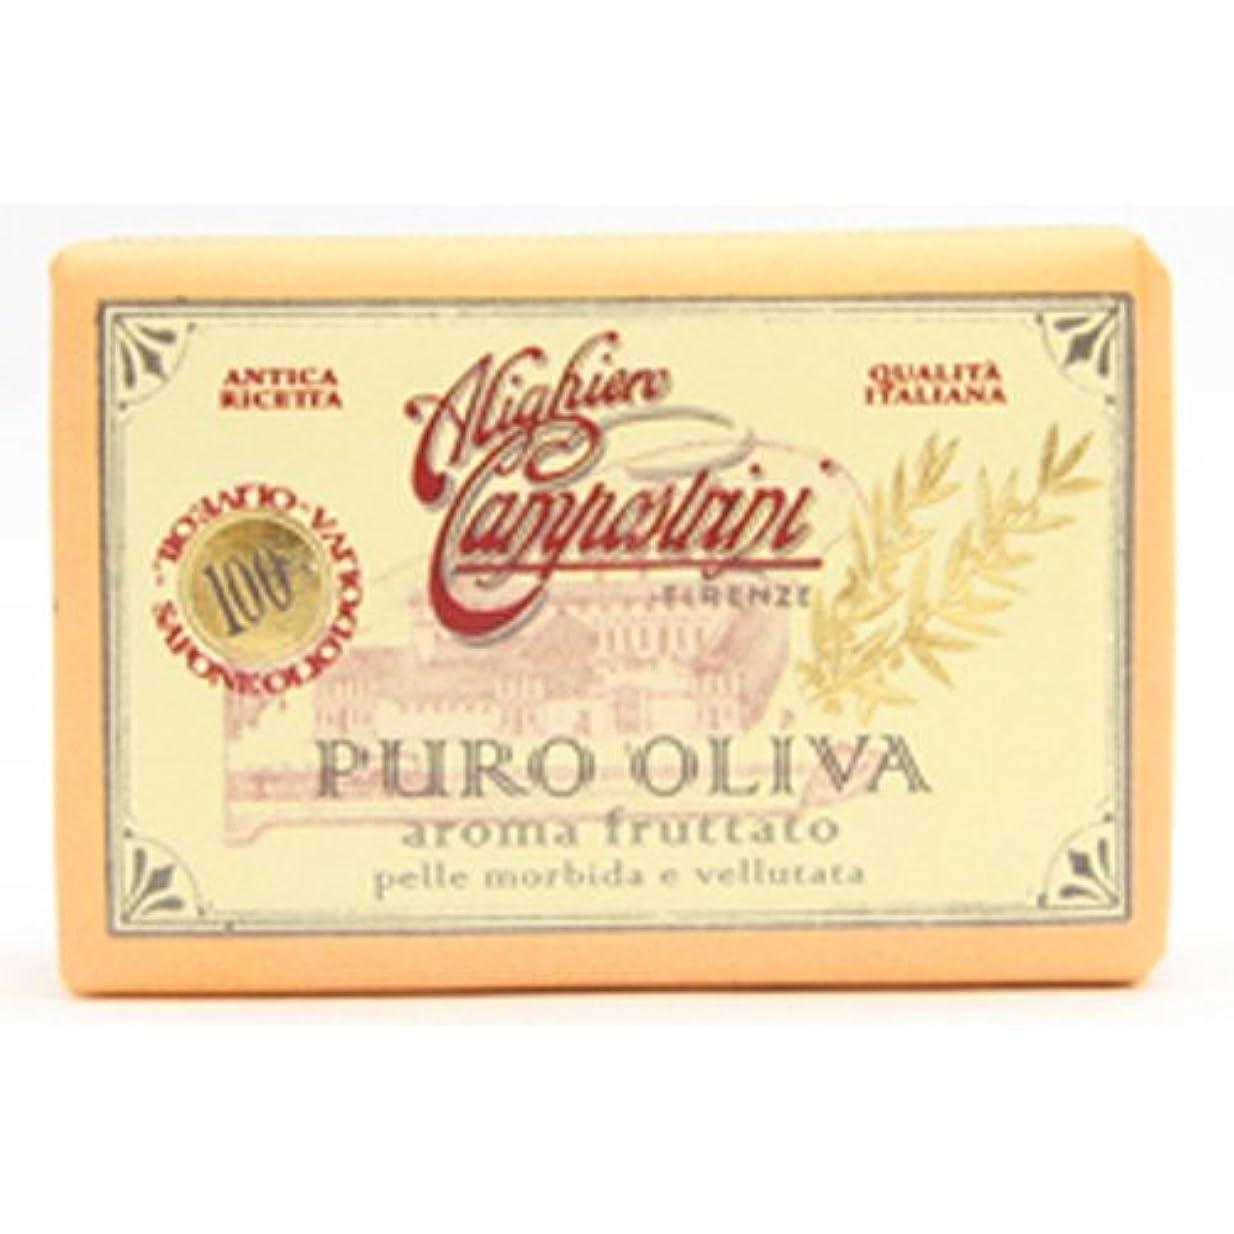 イディオム一生キモいSaponerire Fissi サポネリーフィッシー PURO OLIVA Soap オリーブオイル ピュロ ソープ Aroma fruttato フルーツ(オレンジ)